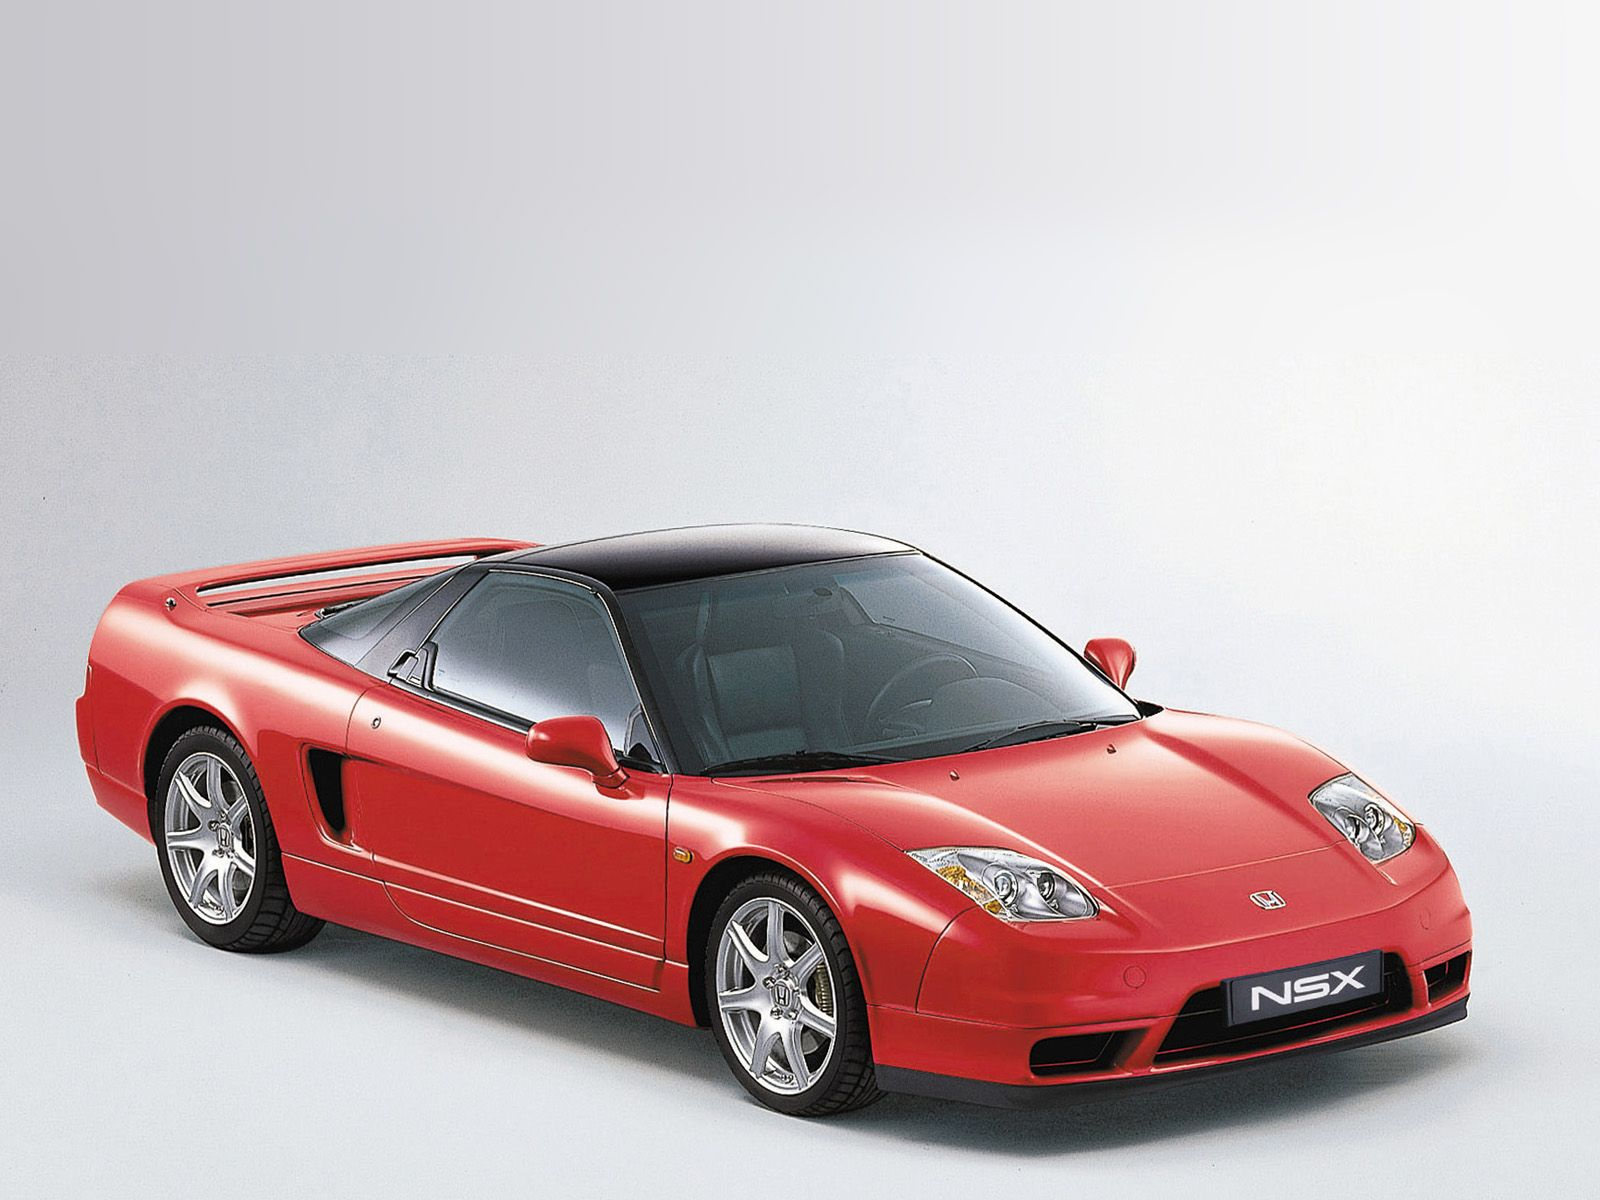 2002 Honda NSX - Pictures - CarGurus